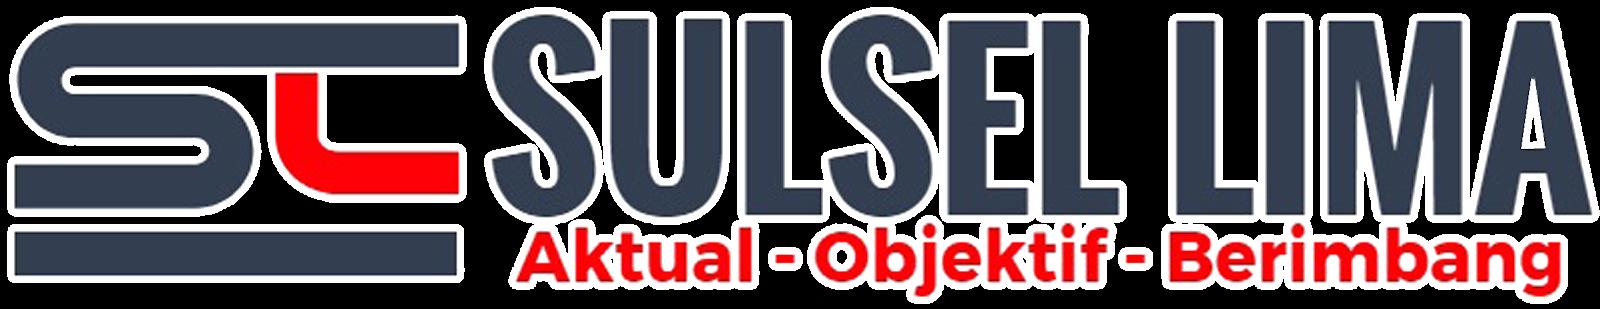 SULSELLIMA.Com | Berita Sulsel Aktual - Objektif - Berimbang